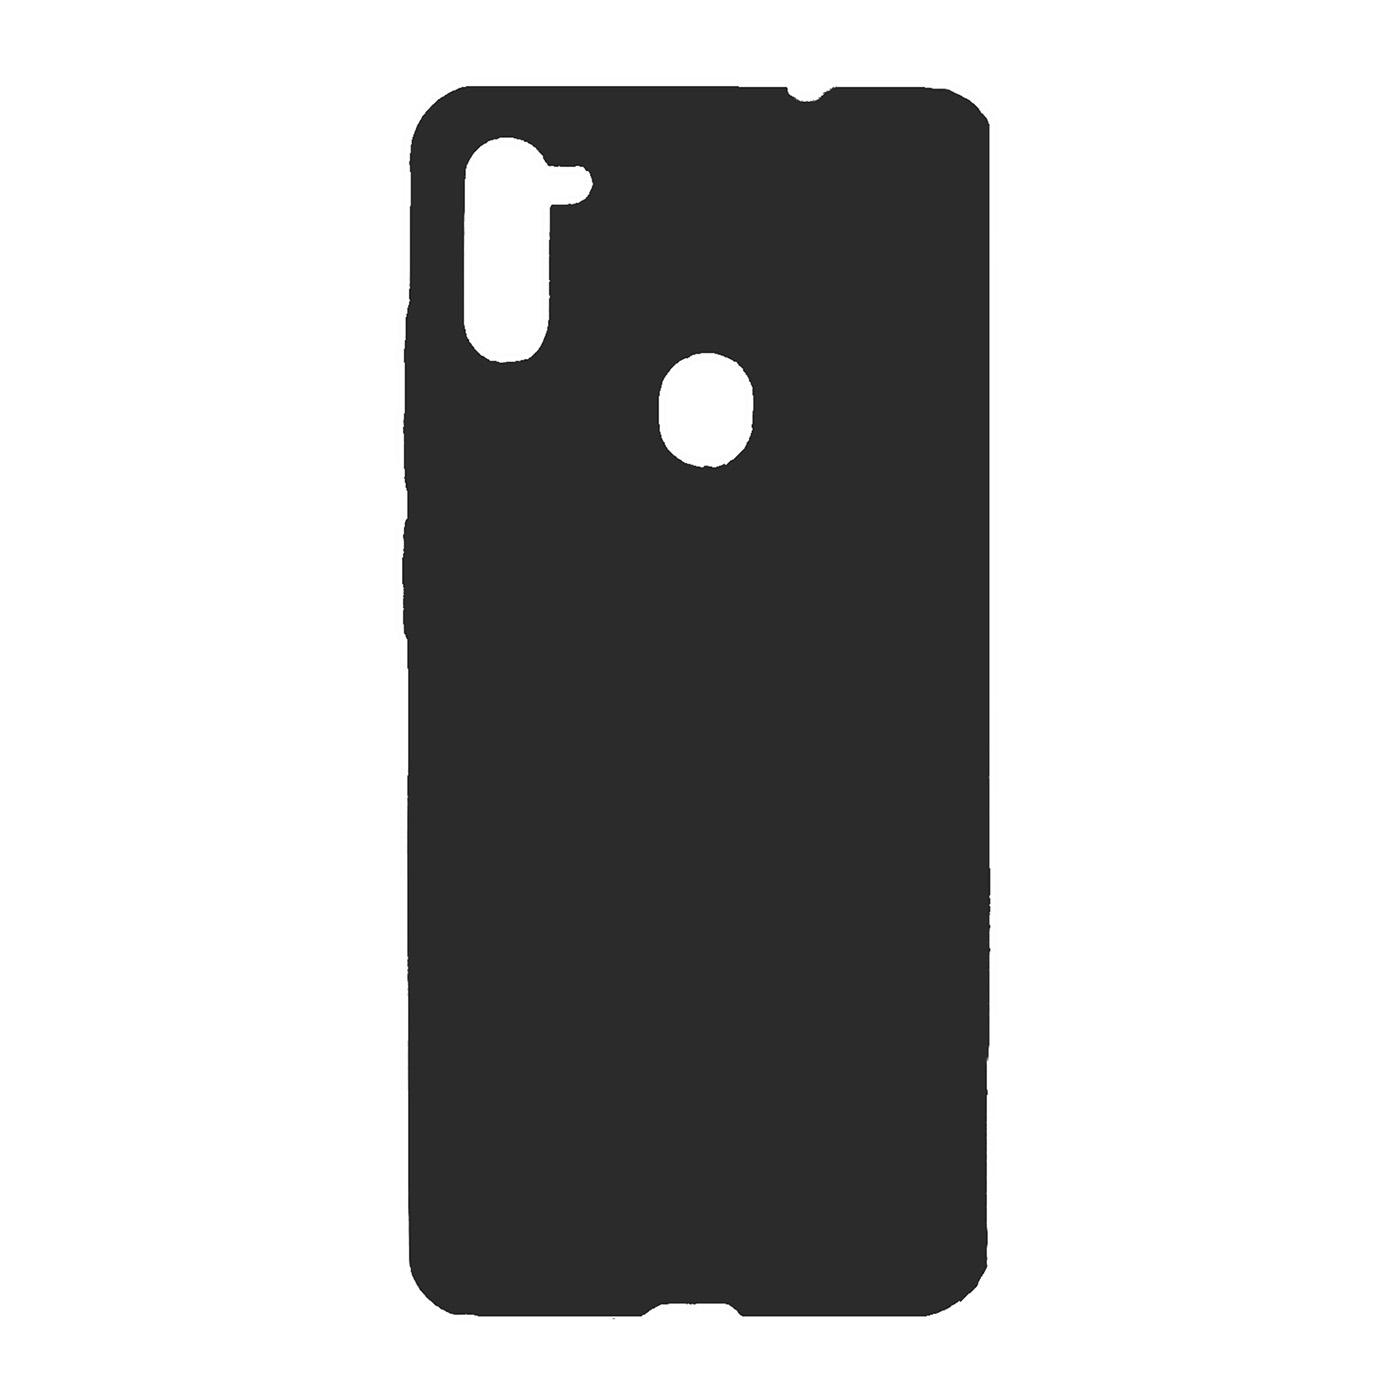 کاور مدل A110 مناسب برای گوشی موبایل سامسونگ Galaxy A11              ( قیمت عمده )